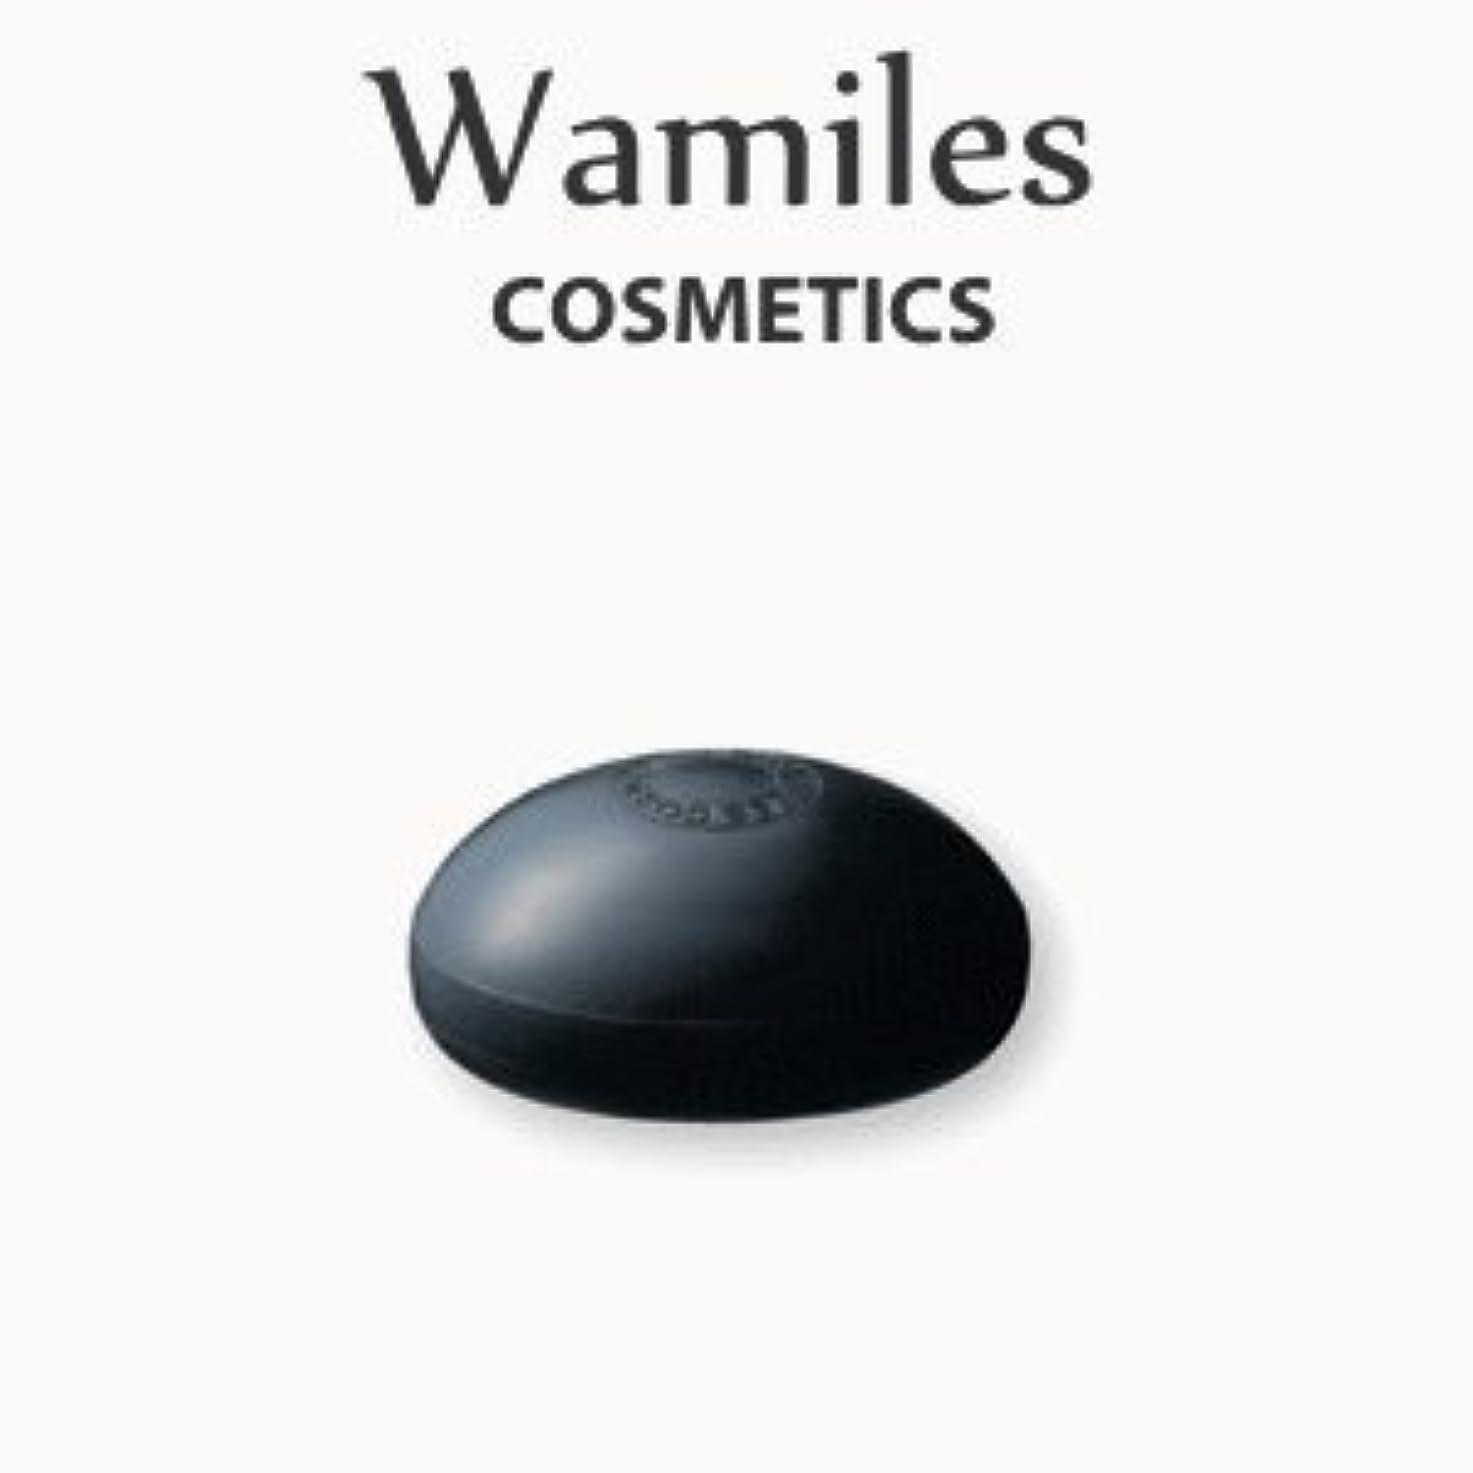 検索エンジン最適化シンプルさ補足wamiles/ワミレス ザ ミネラルソープ 110g